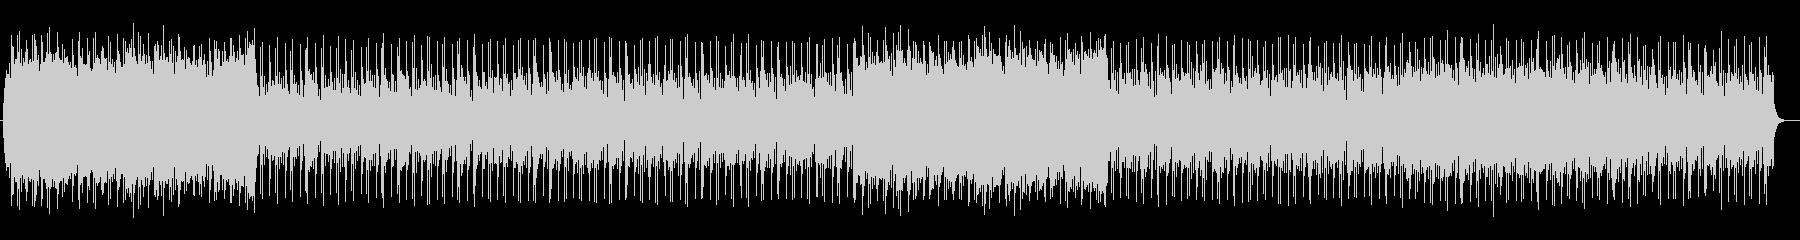 シンセによる大人っぽい洋楽AOR風の未再生の波形